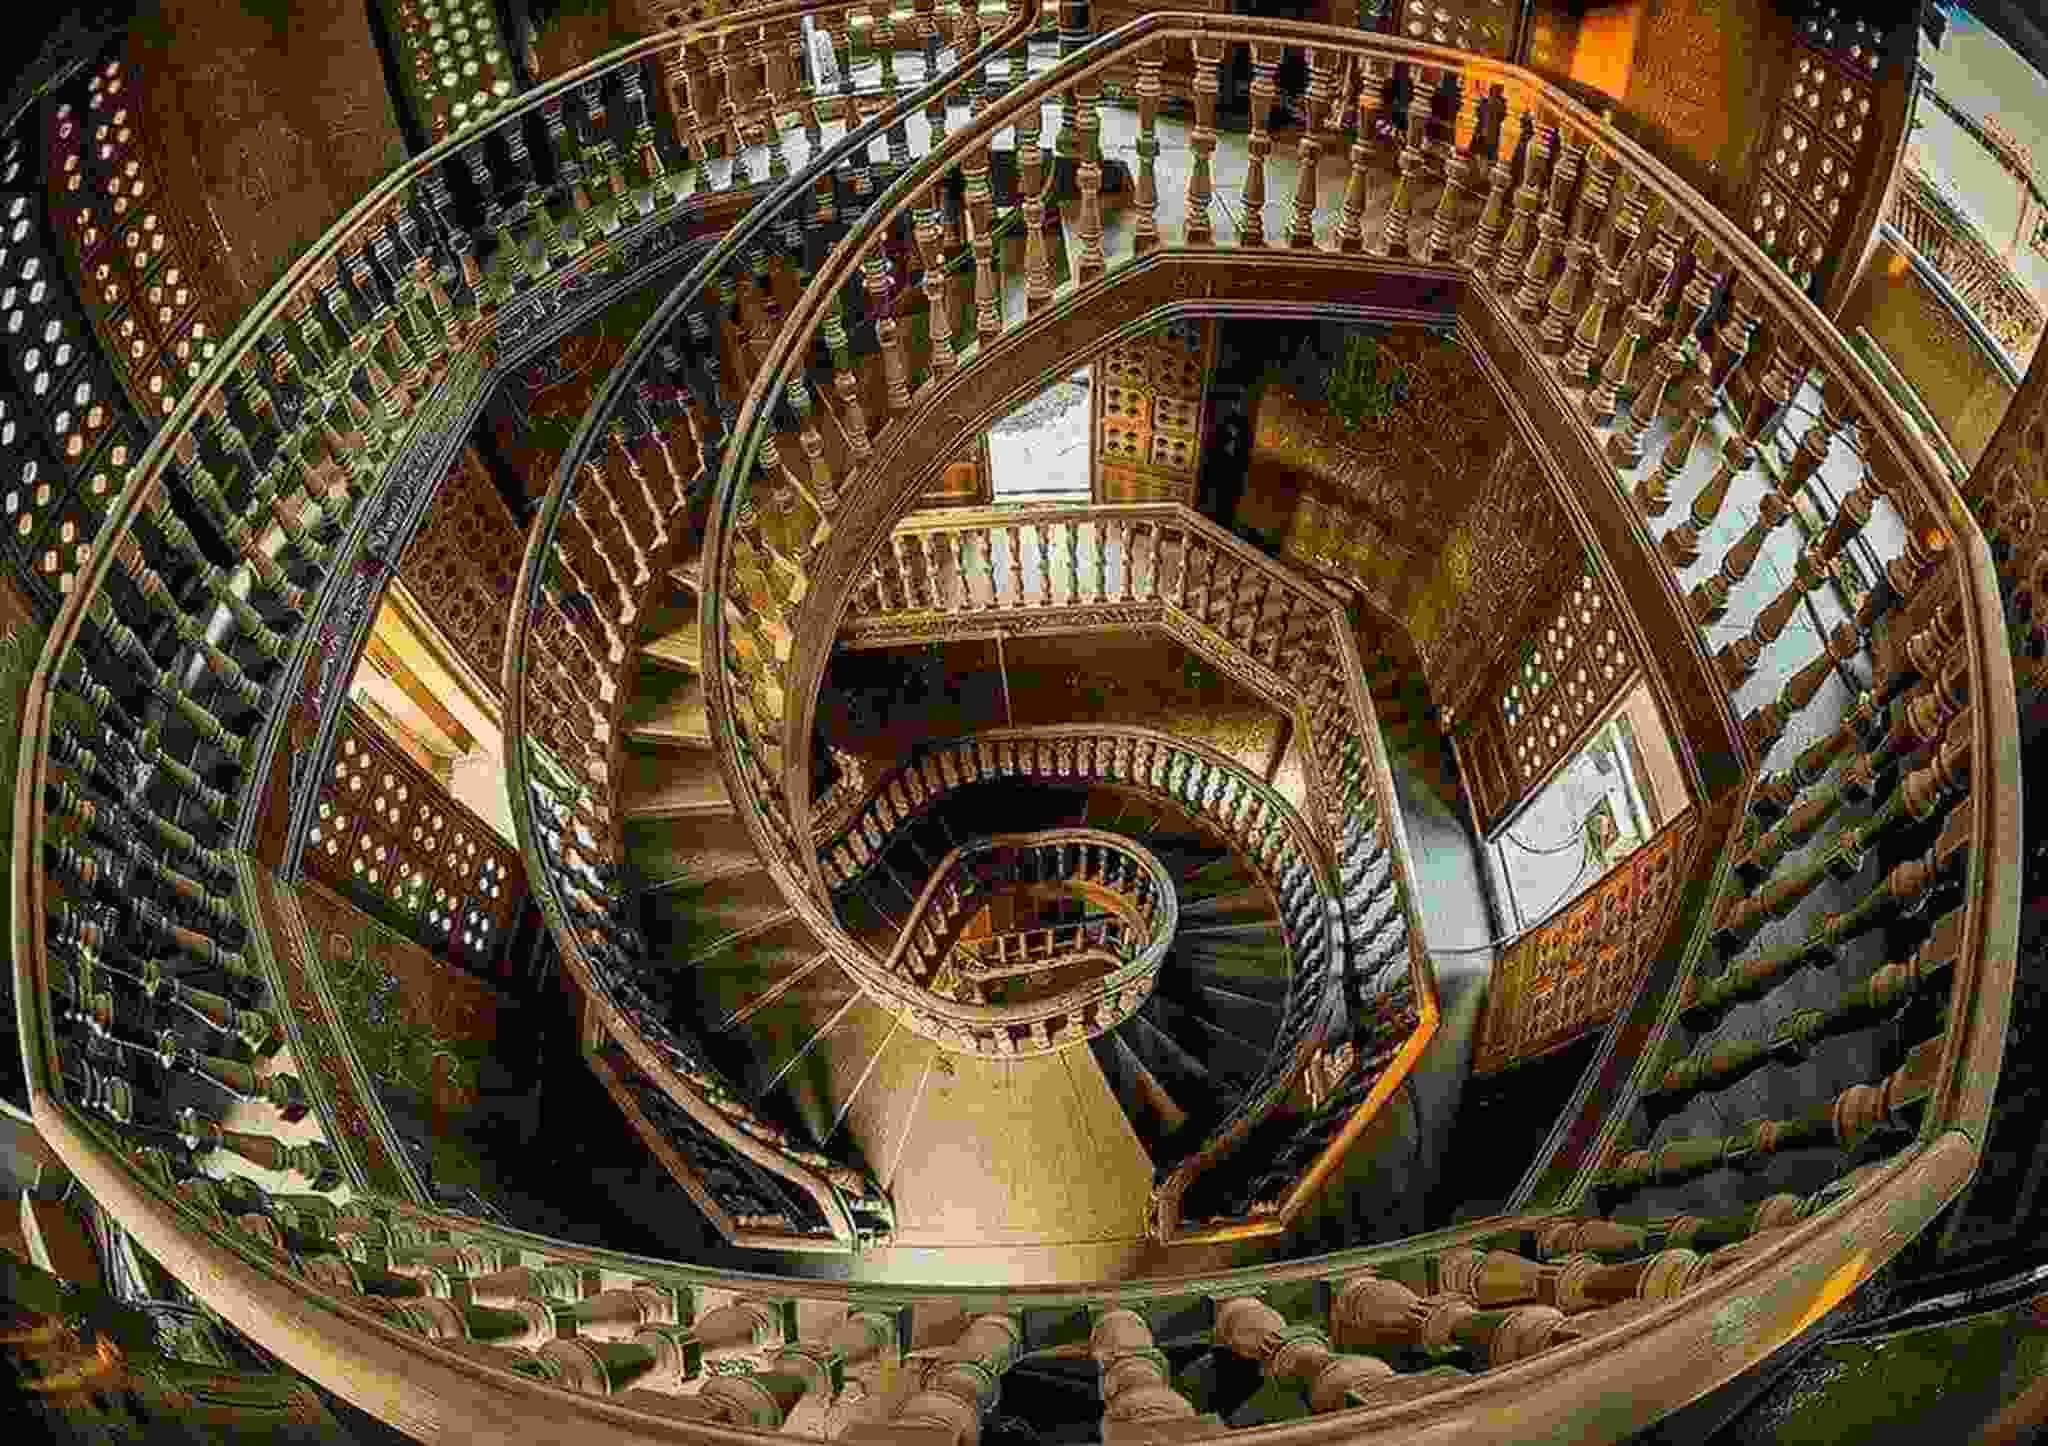 قصر البارون - السلم الخشبي